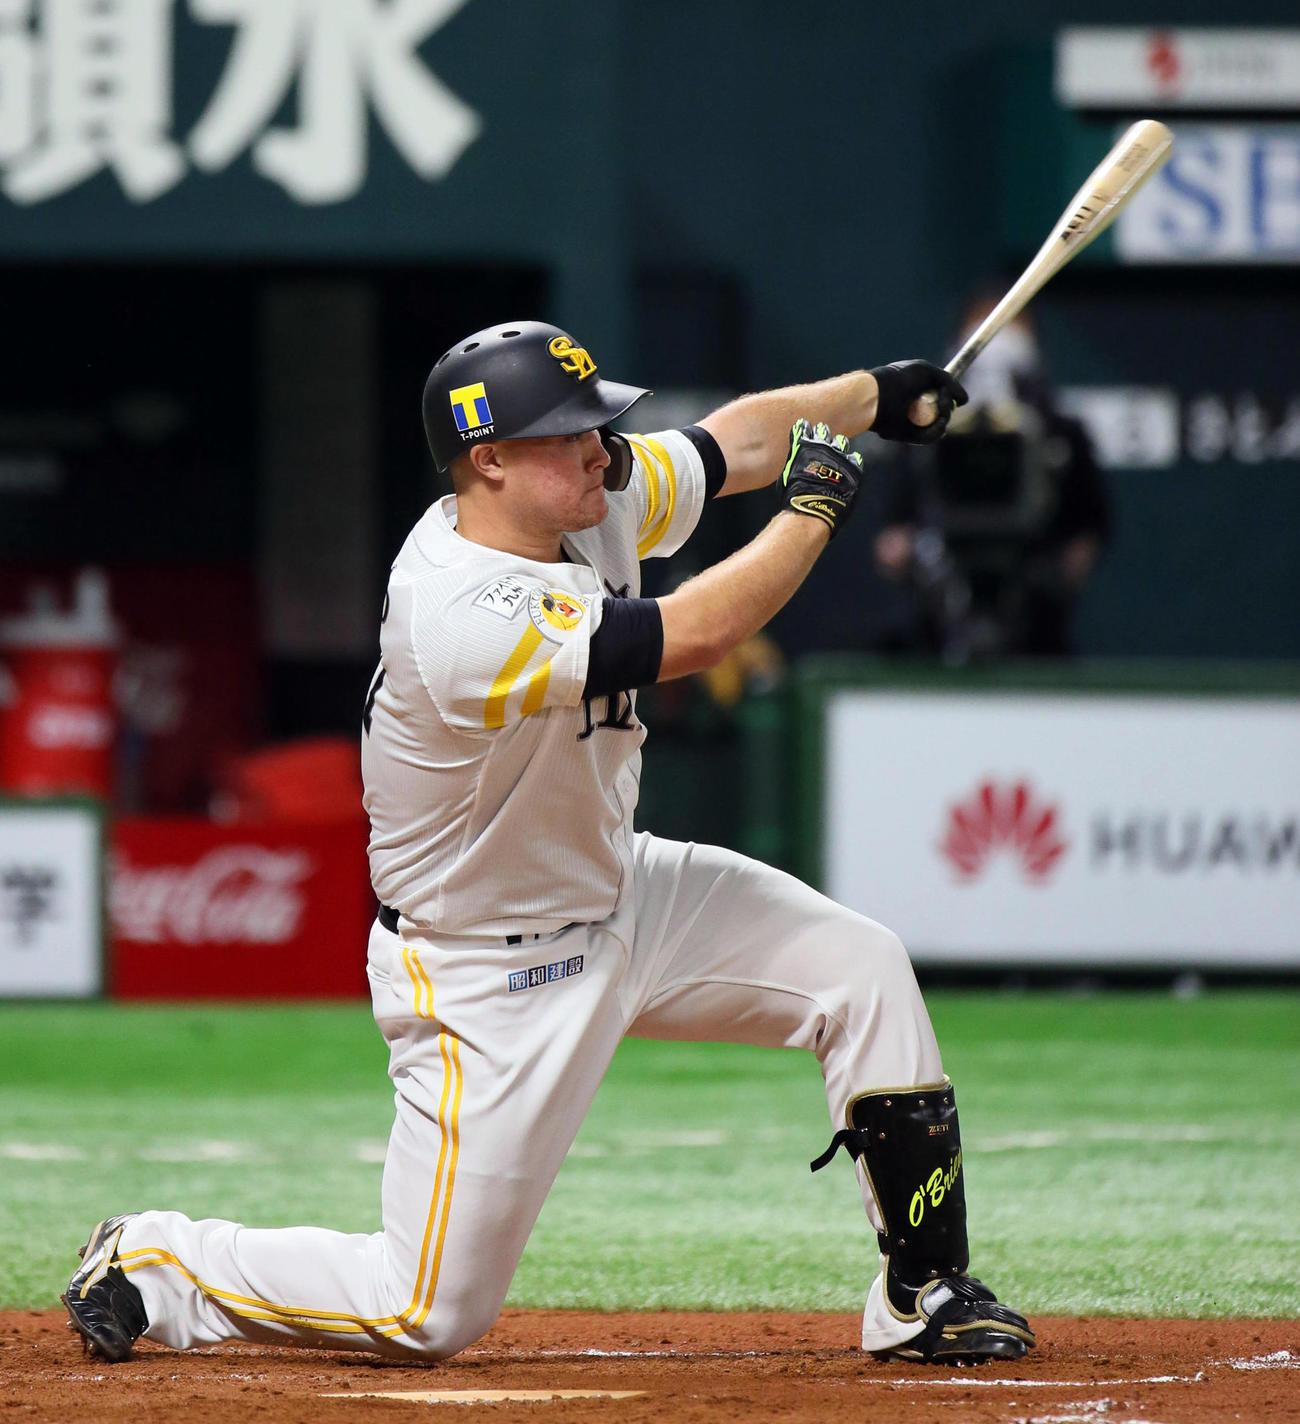 ソフトバンク対広島 7回裏、リチャードは左翼線へ適時二塁打を放つ(撮影・栗木一考)